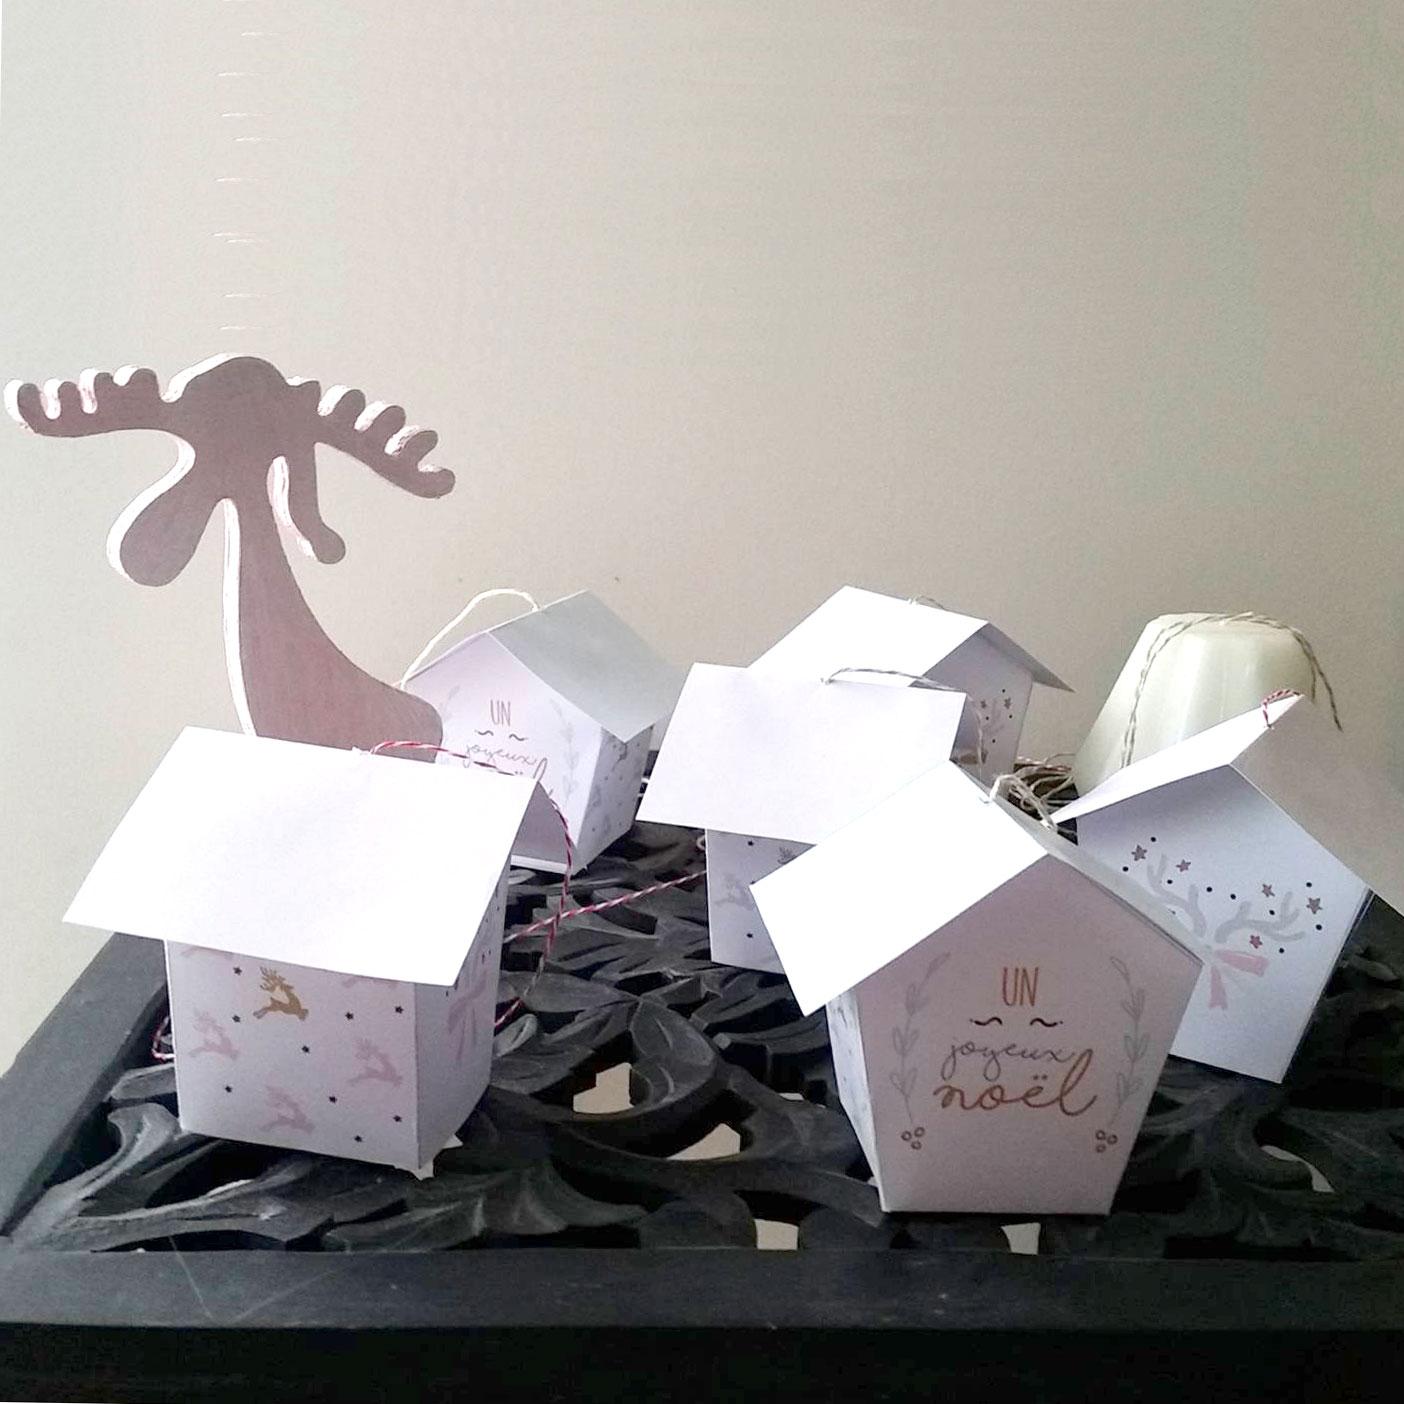 photo ambiance maisons en papier birdy mamzelle deco